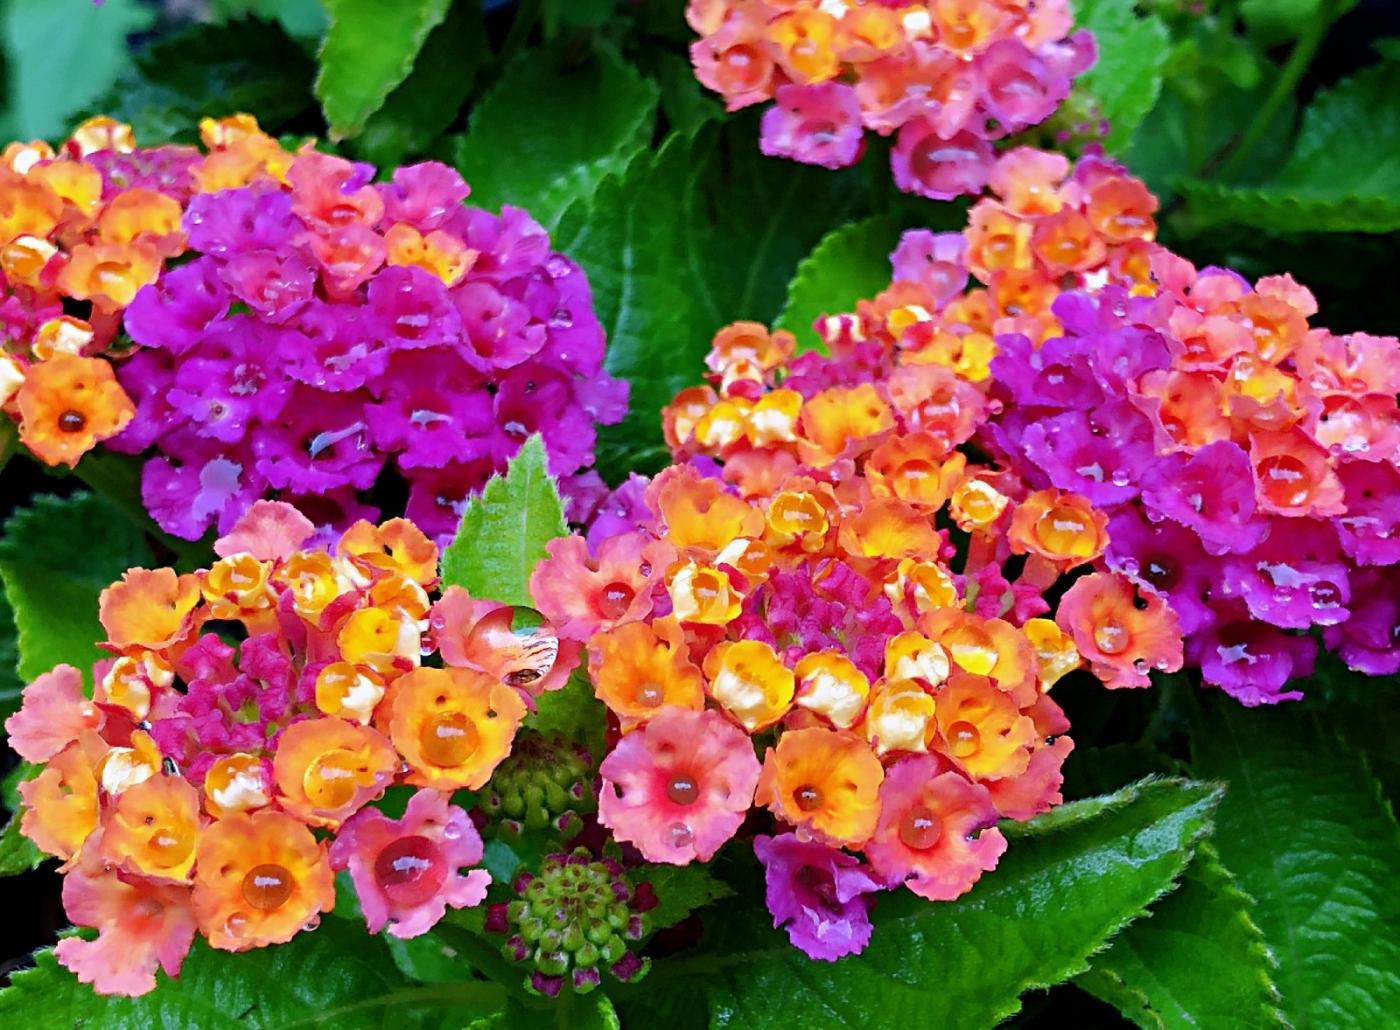 【田螺随拍】我今年种的蜂鸟喜欢吃的花都开了_图1-24